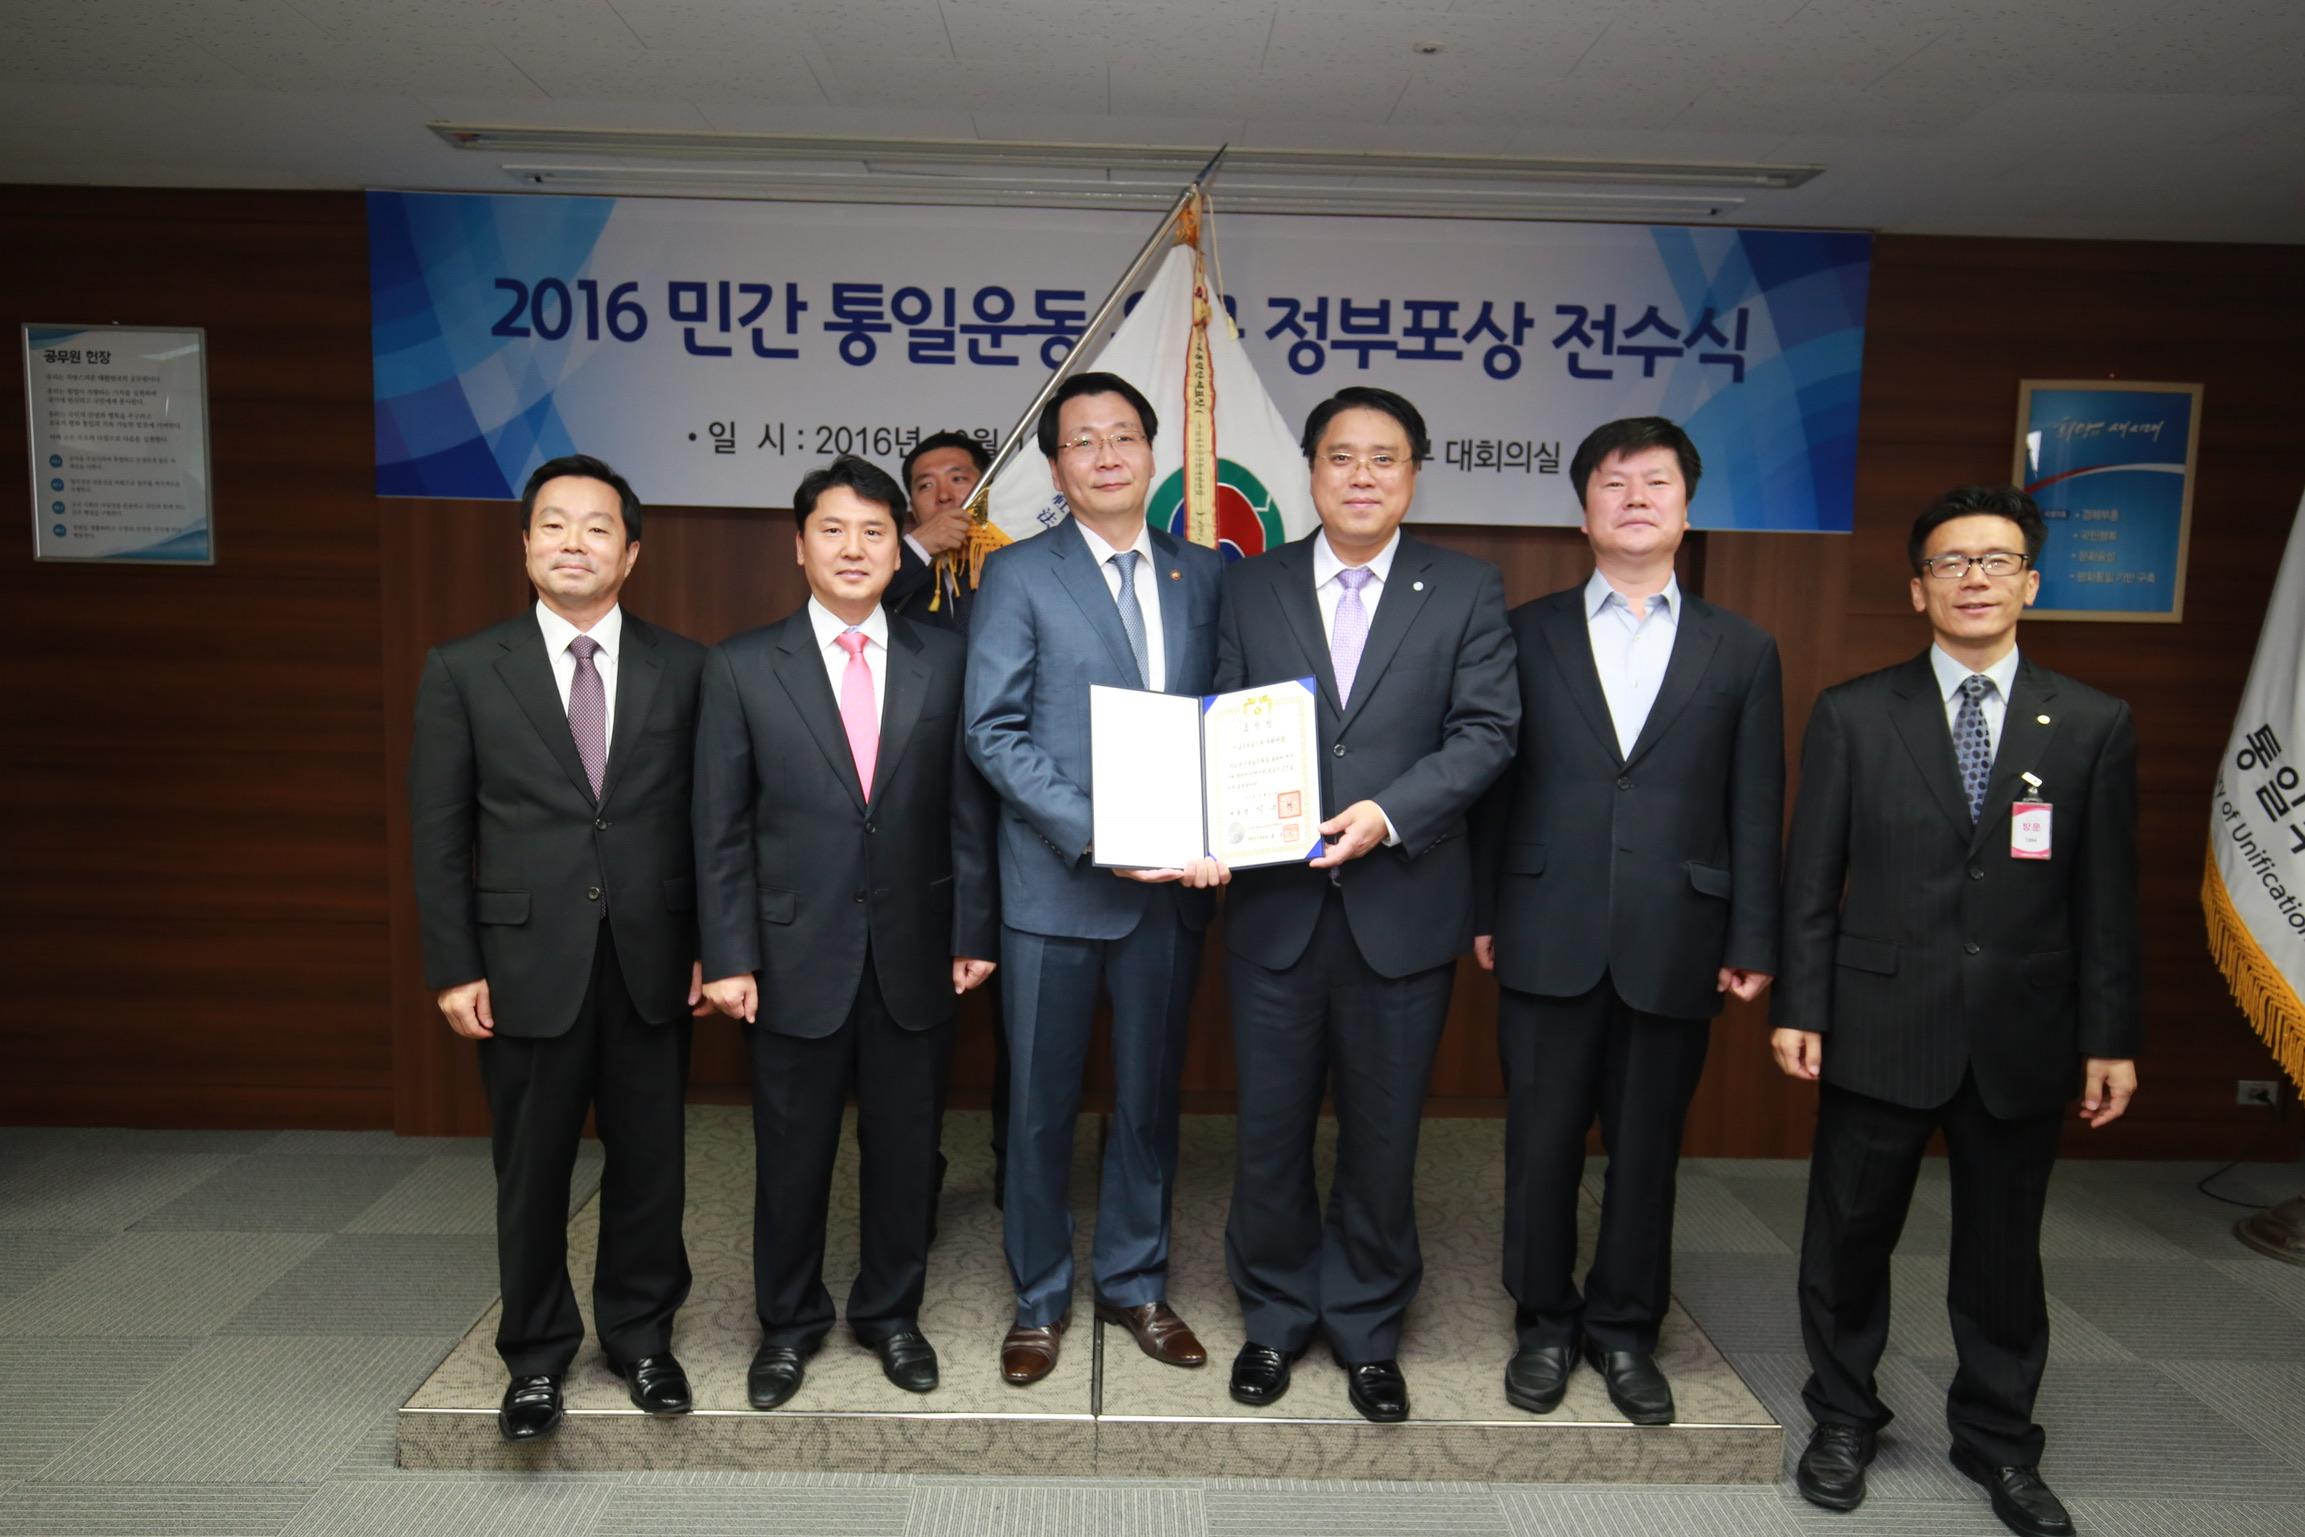 3. 국민연합 직원과 기념사진.jpg